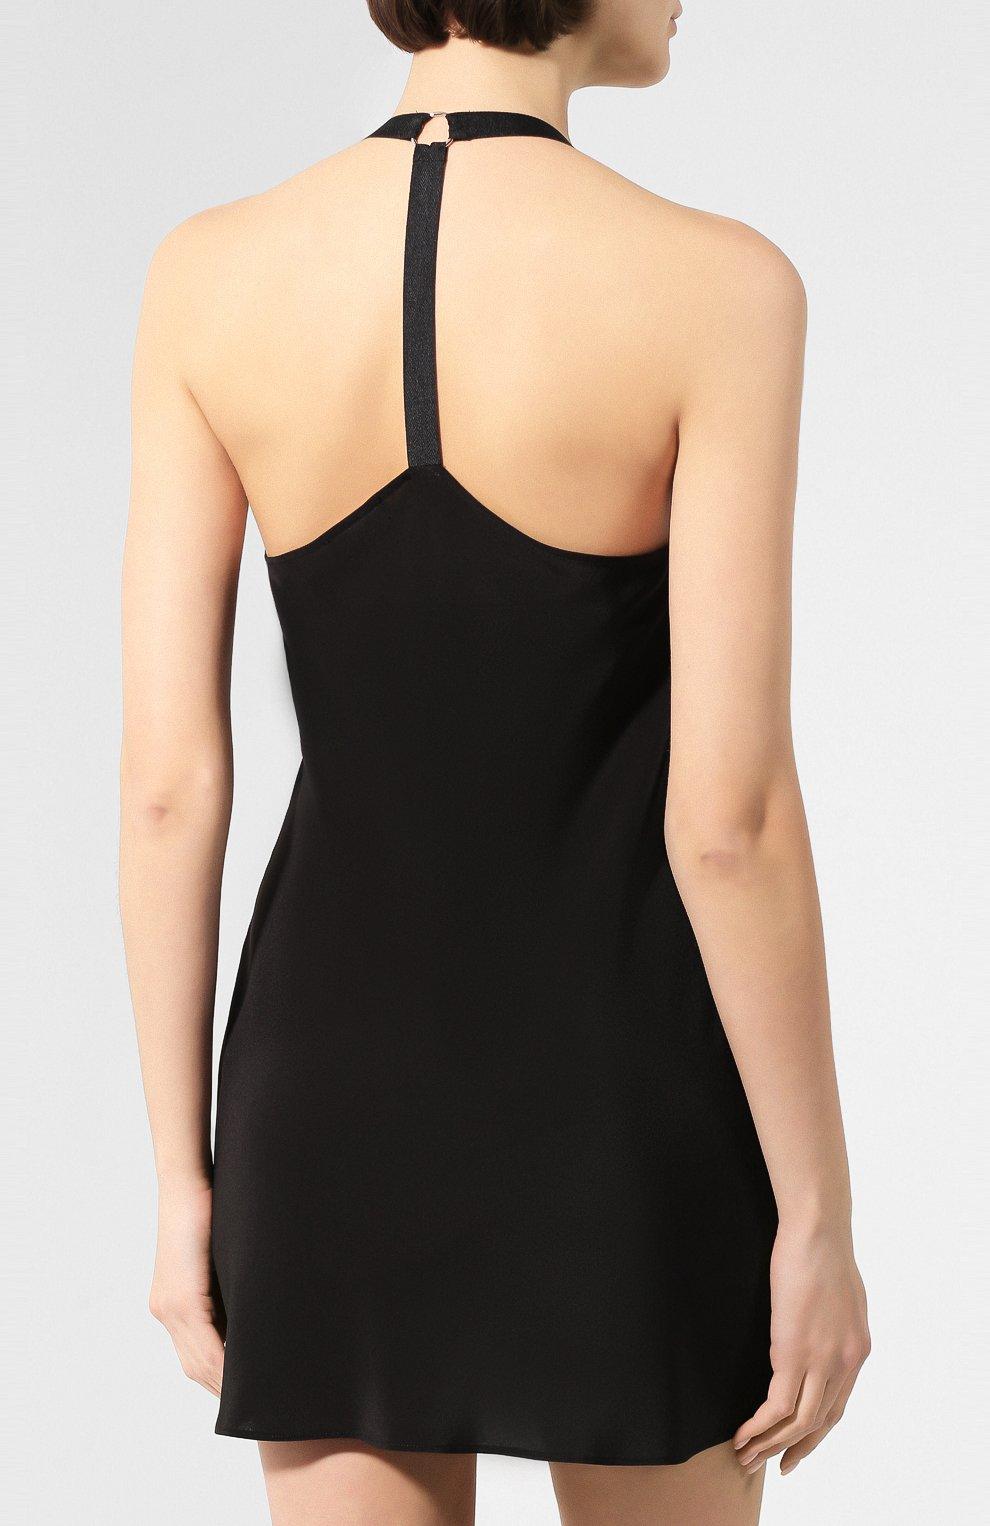 Женская сорочка CHANTAL THOMASS черного цвета, арт. TC44_чер | Фото 4